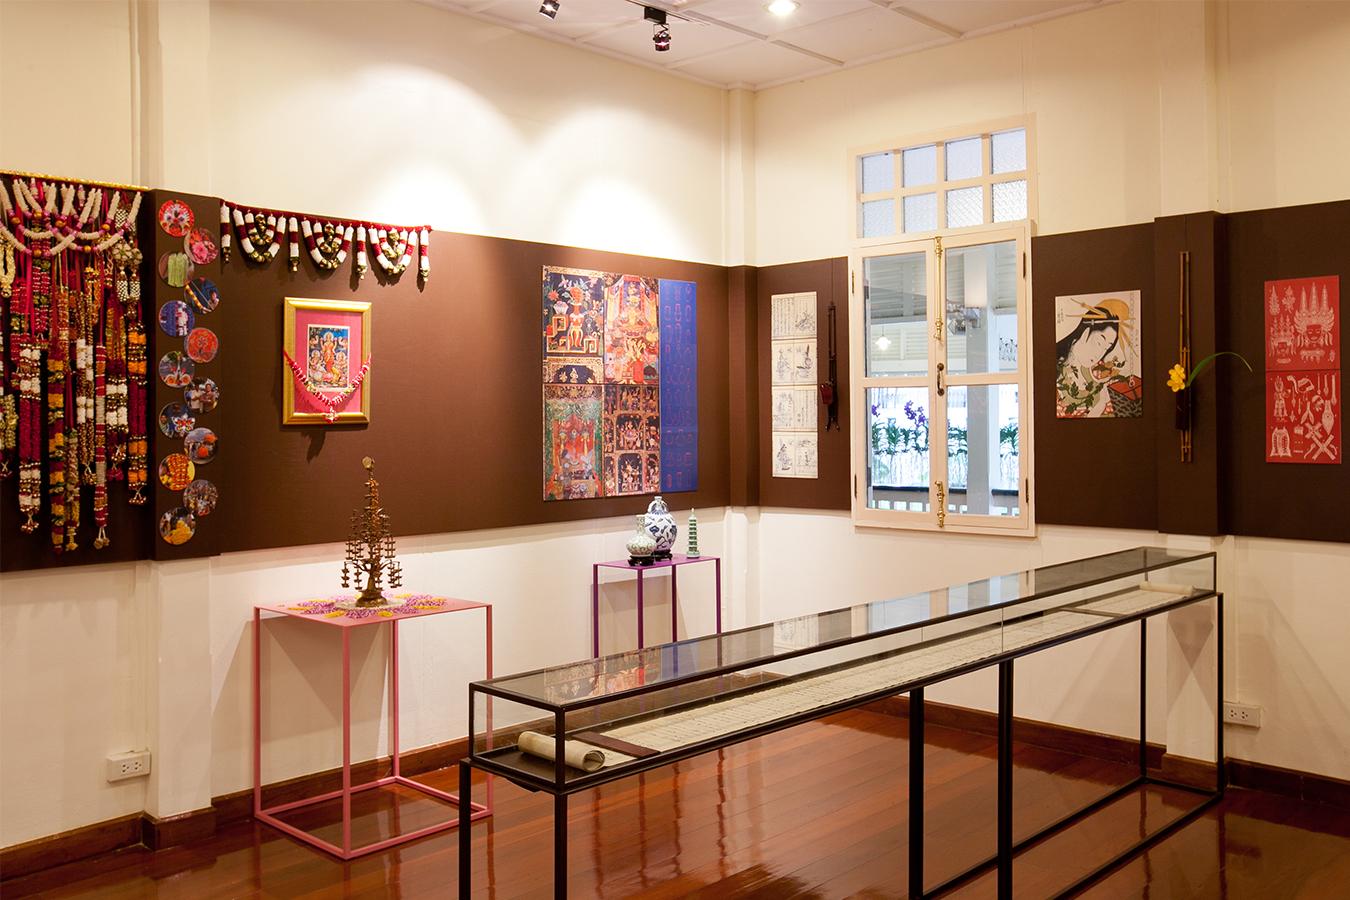 ห้องจัดแสดงในพิพิธภัณฑ์วัฒนธรรมดอกไม้